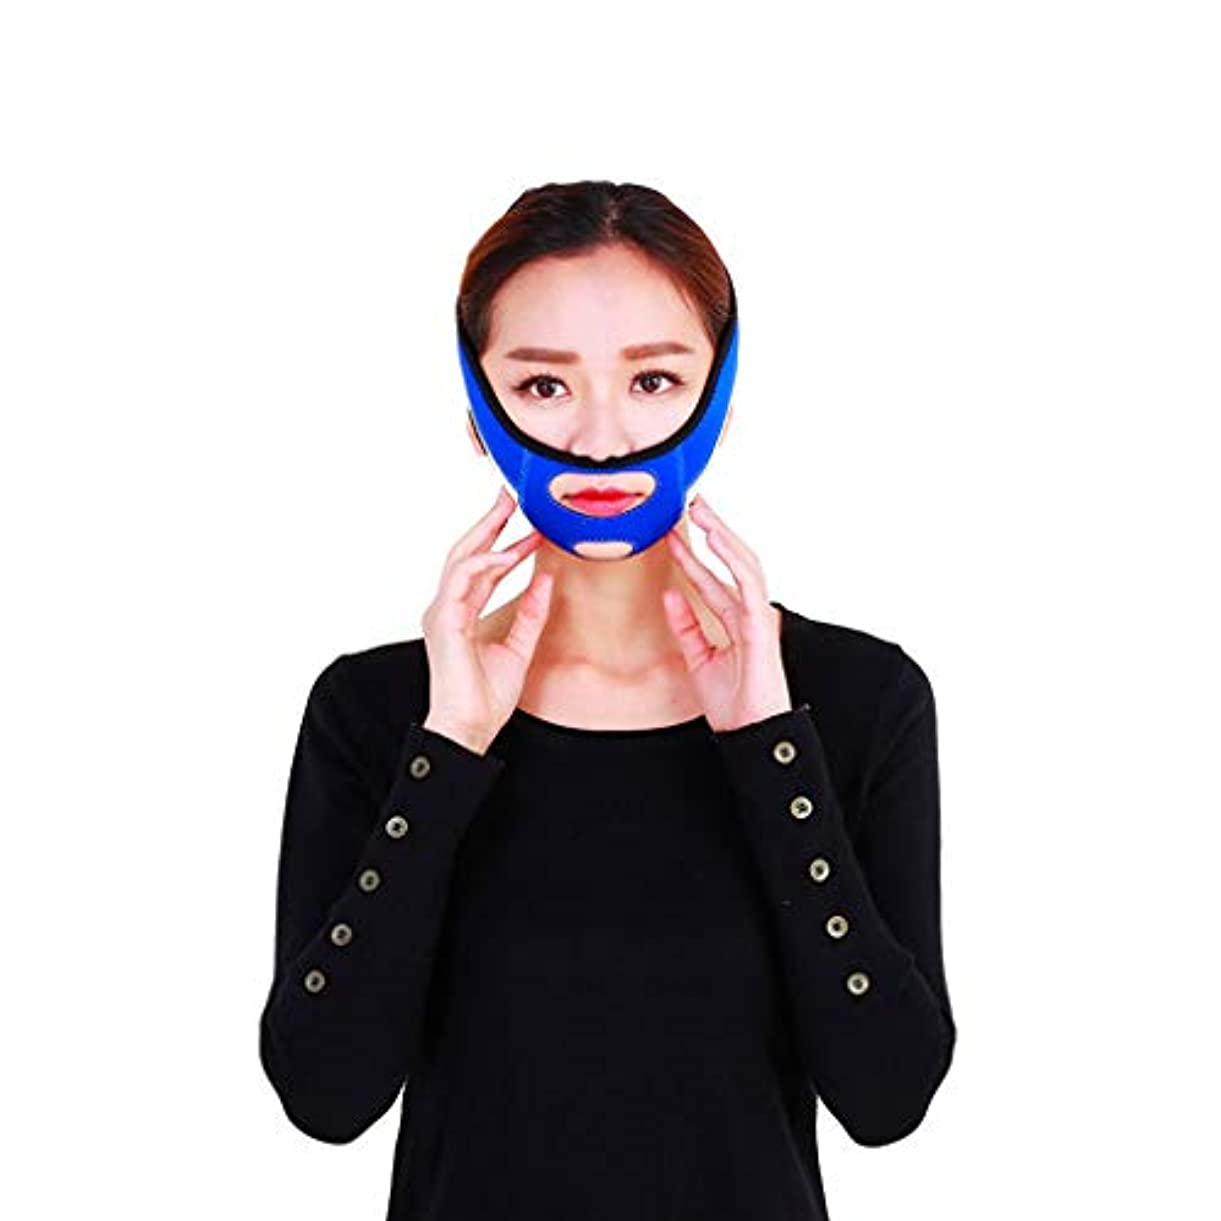 頭蓋骨ストレンジャー隠滑り止め弾性ストレッチ包帯を強化するために口を調整する顔の顔のマスク